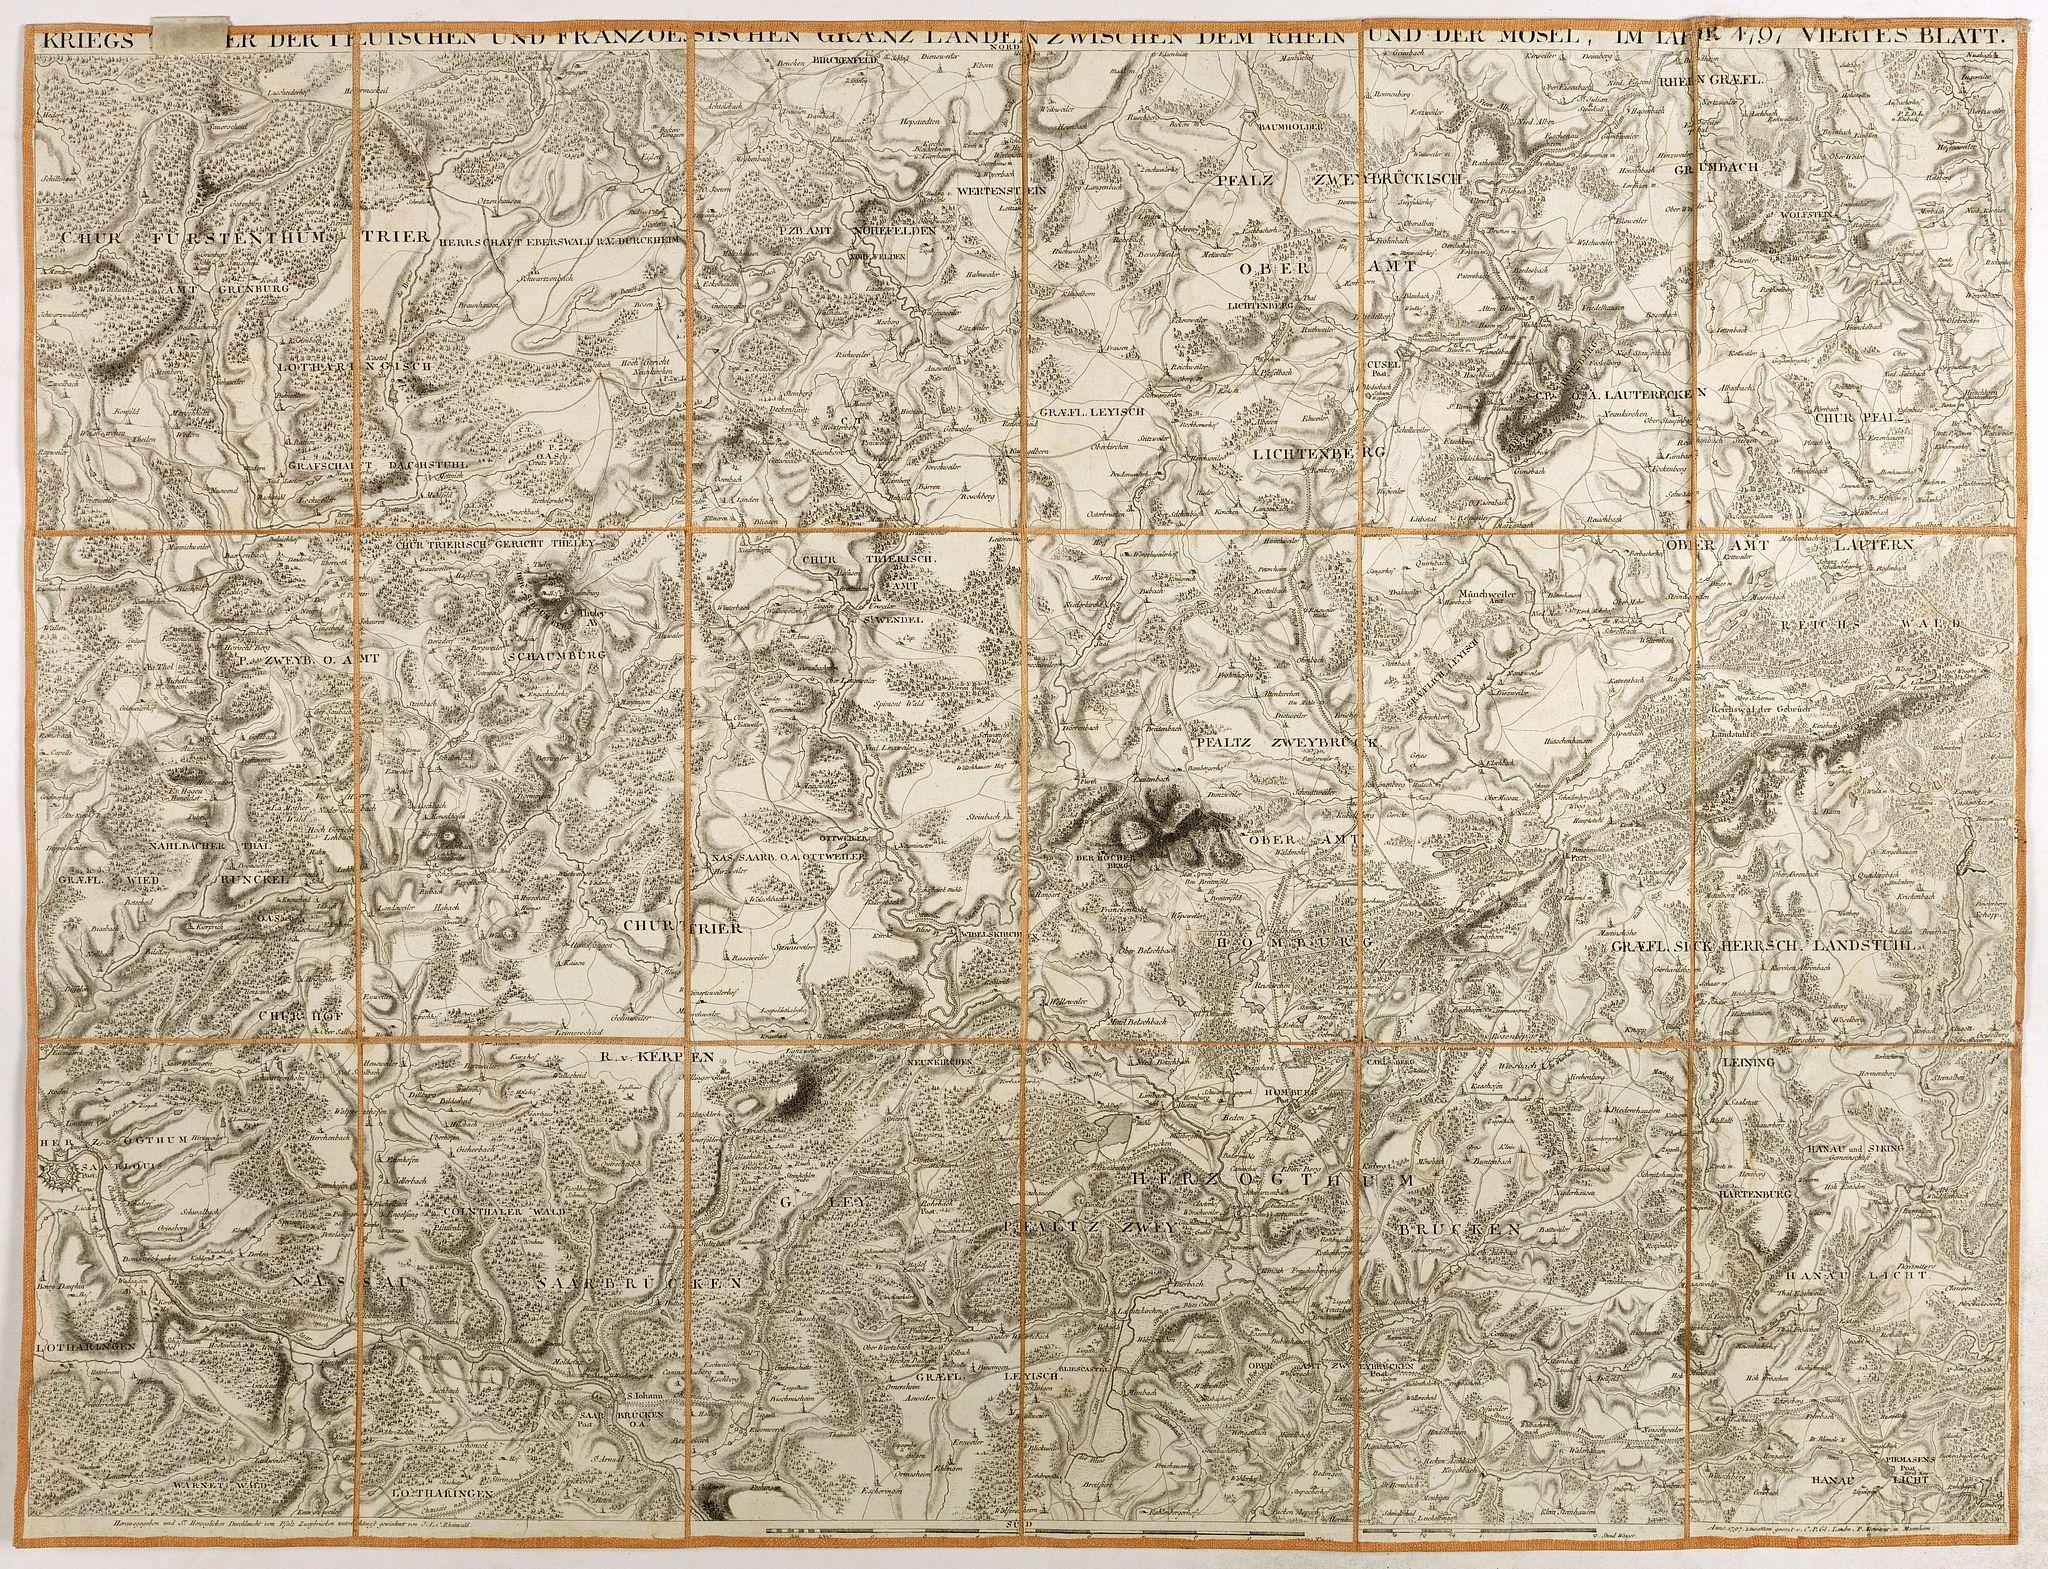 DEWARAT, O. -  Kriegs Theater der teutschen und franzoesischen Graenzlanden swischen dem Rhein und der Mosel, im Jahr 1797 : viertes Blatt.